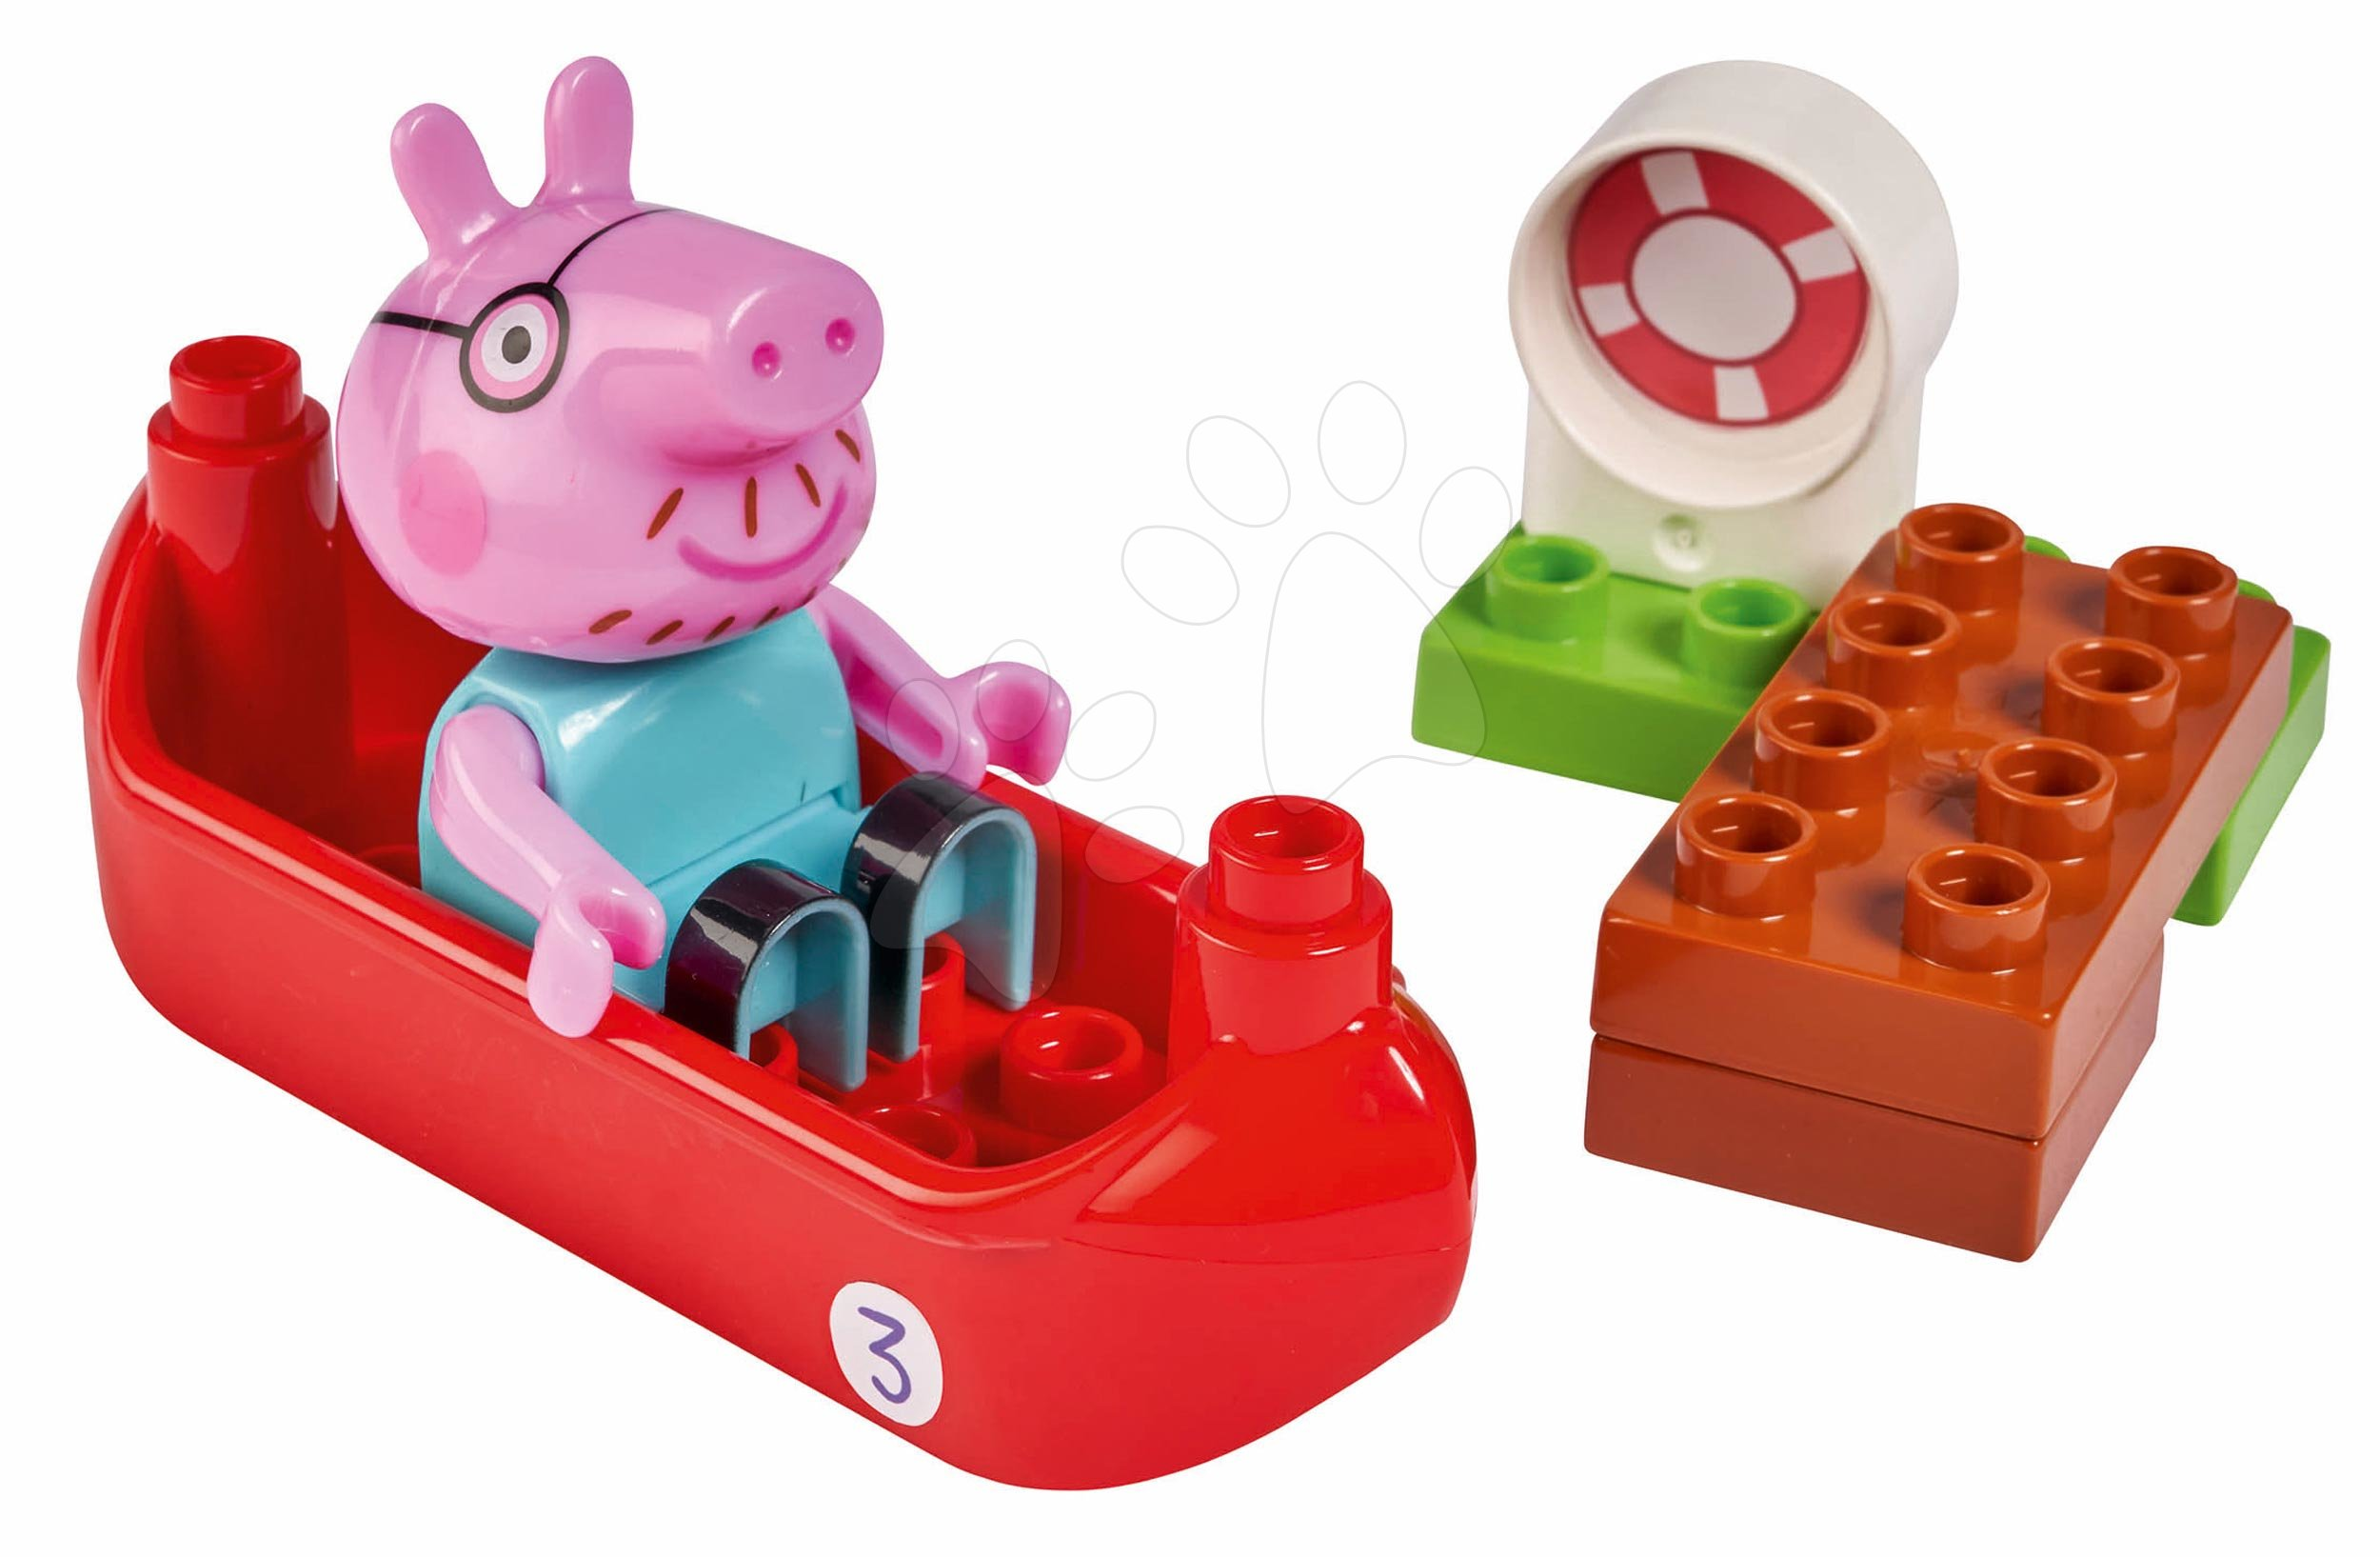 Stavebnica Peppa Pig Starter Sets PlayBIG Bloxx s figúrkou v člne od 18 mes